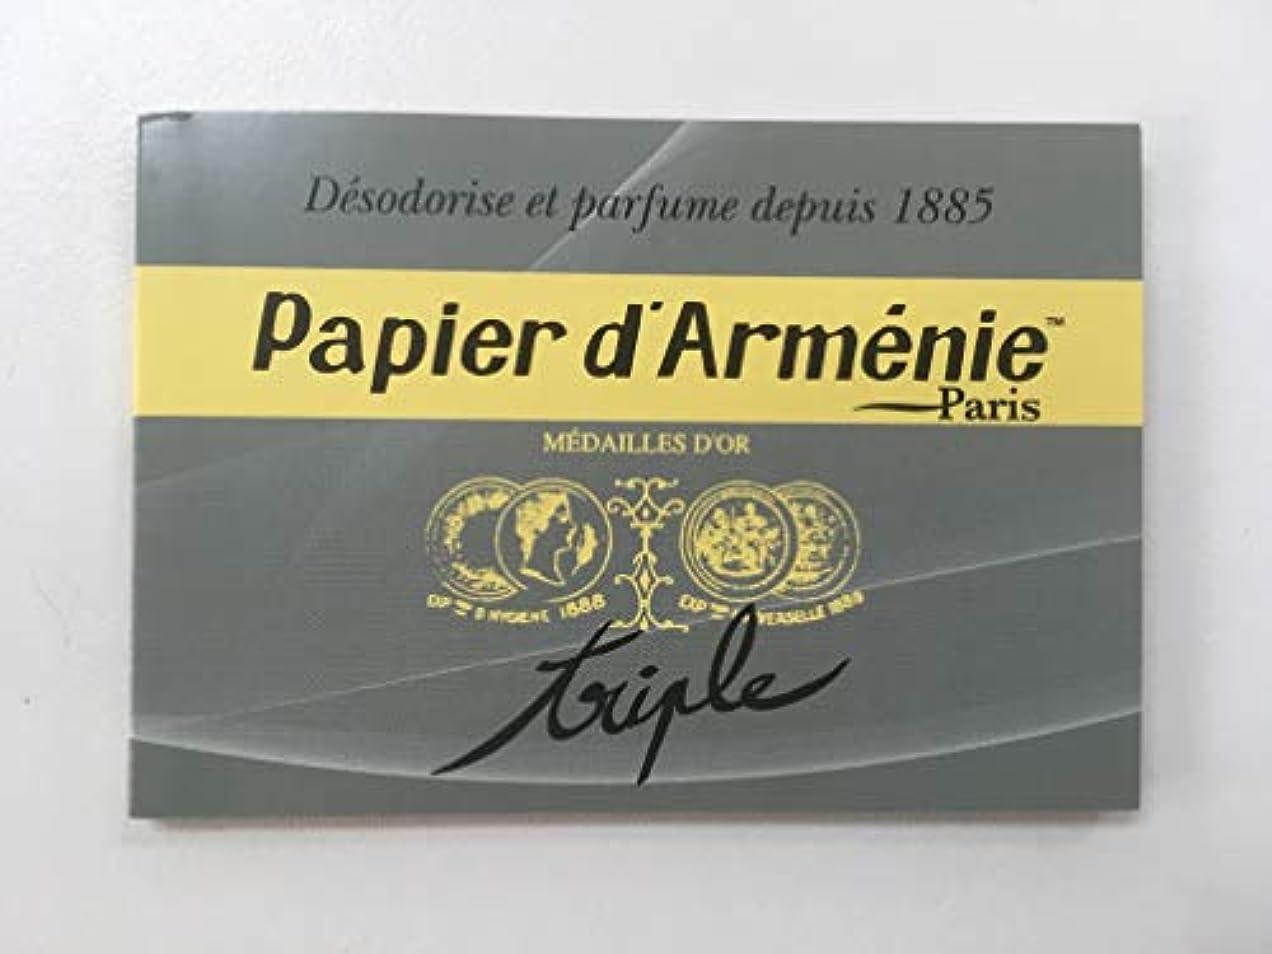 パケット小康白いGP--025-05-001-12set パピエダルメニイ トリプル12個